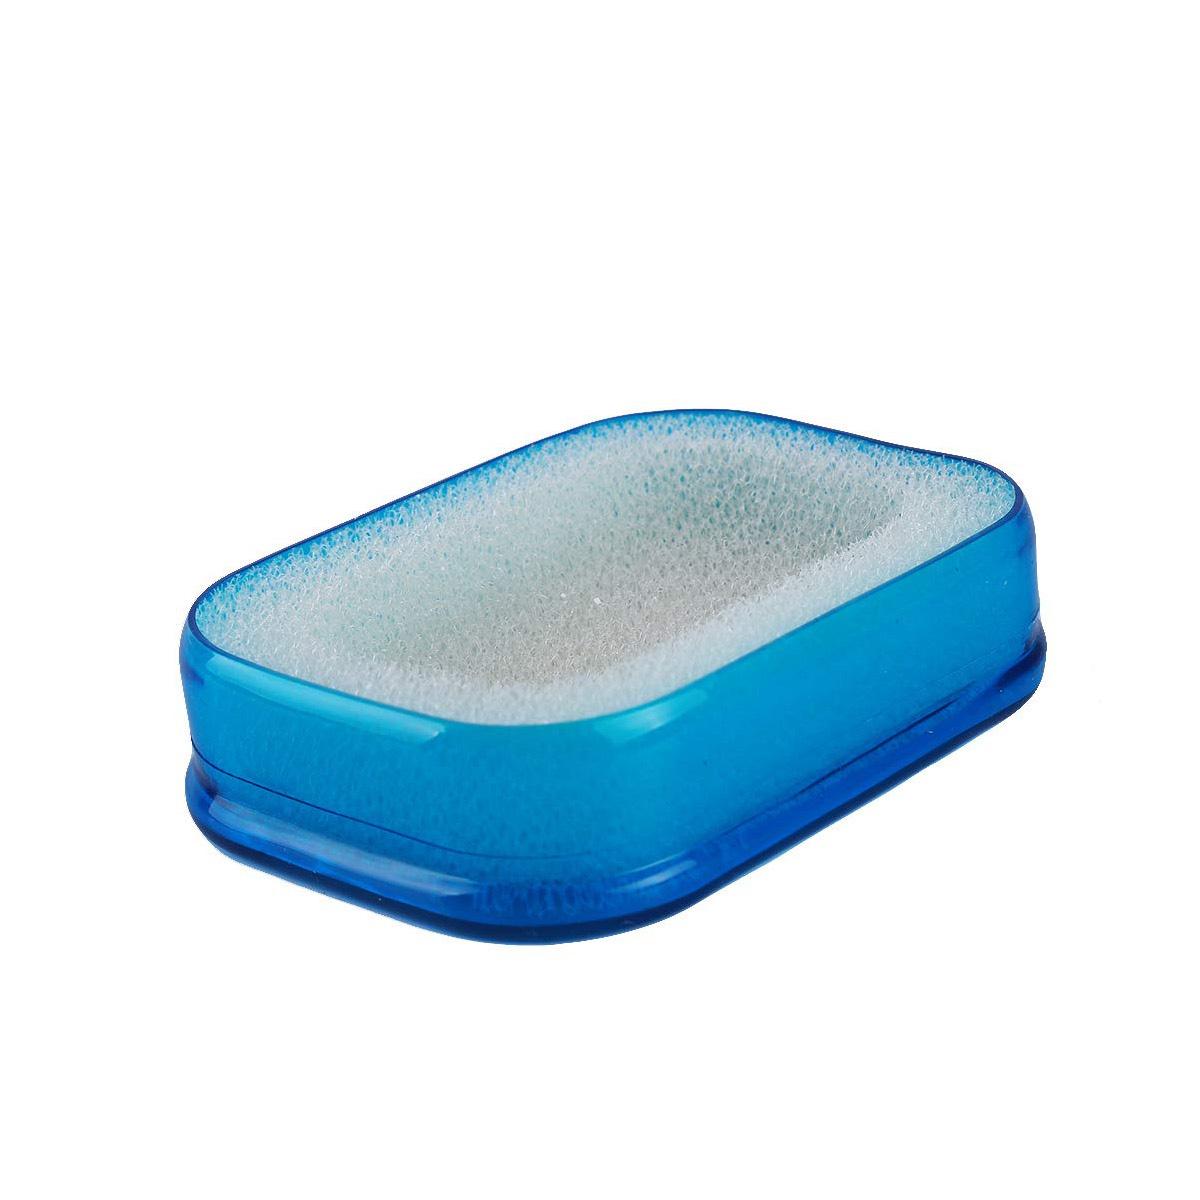 Мультифункциональная губка мыльница в пластиковой коробке, синий,